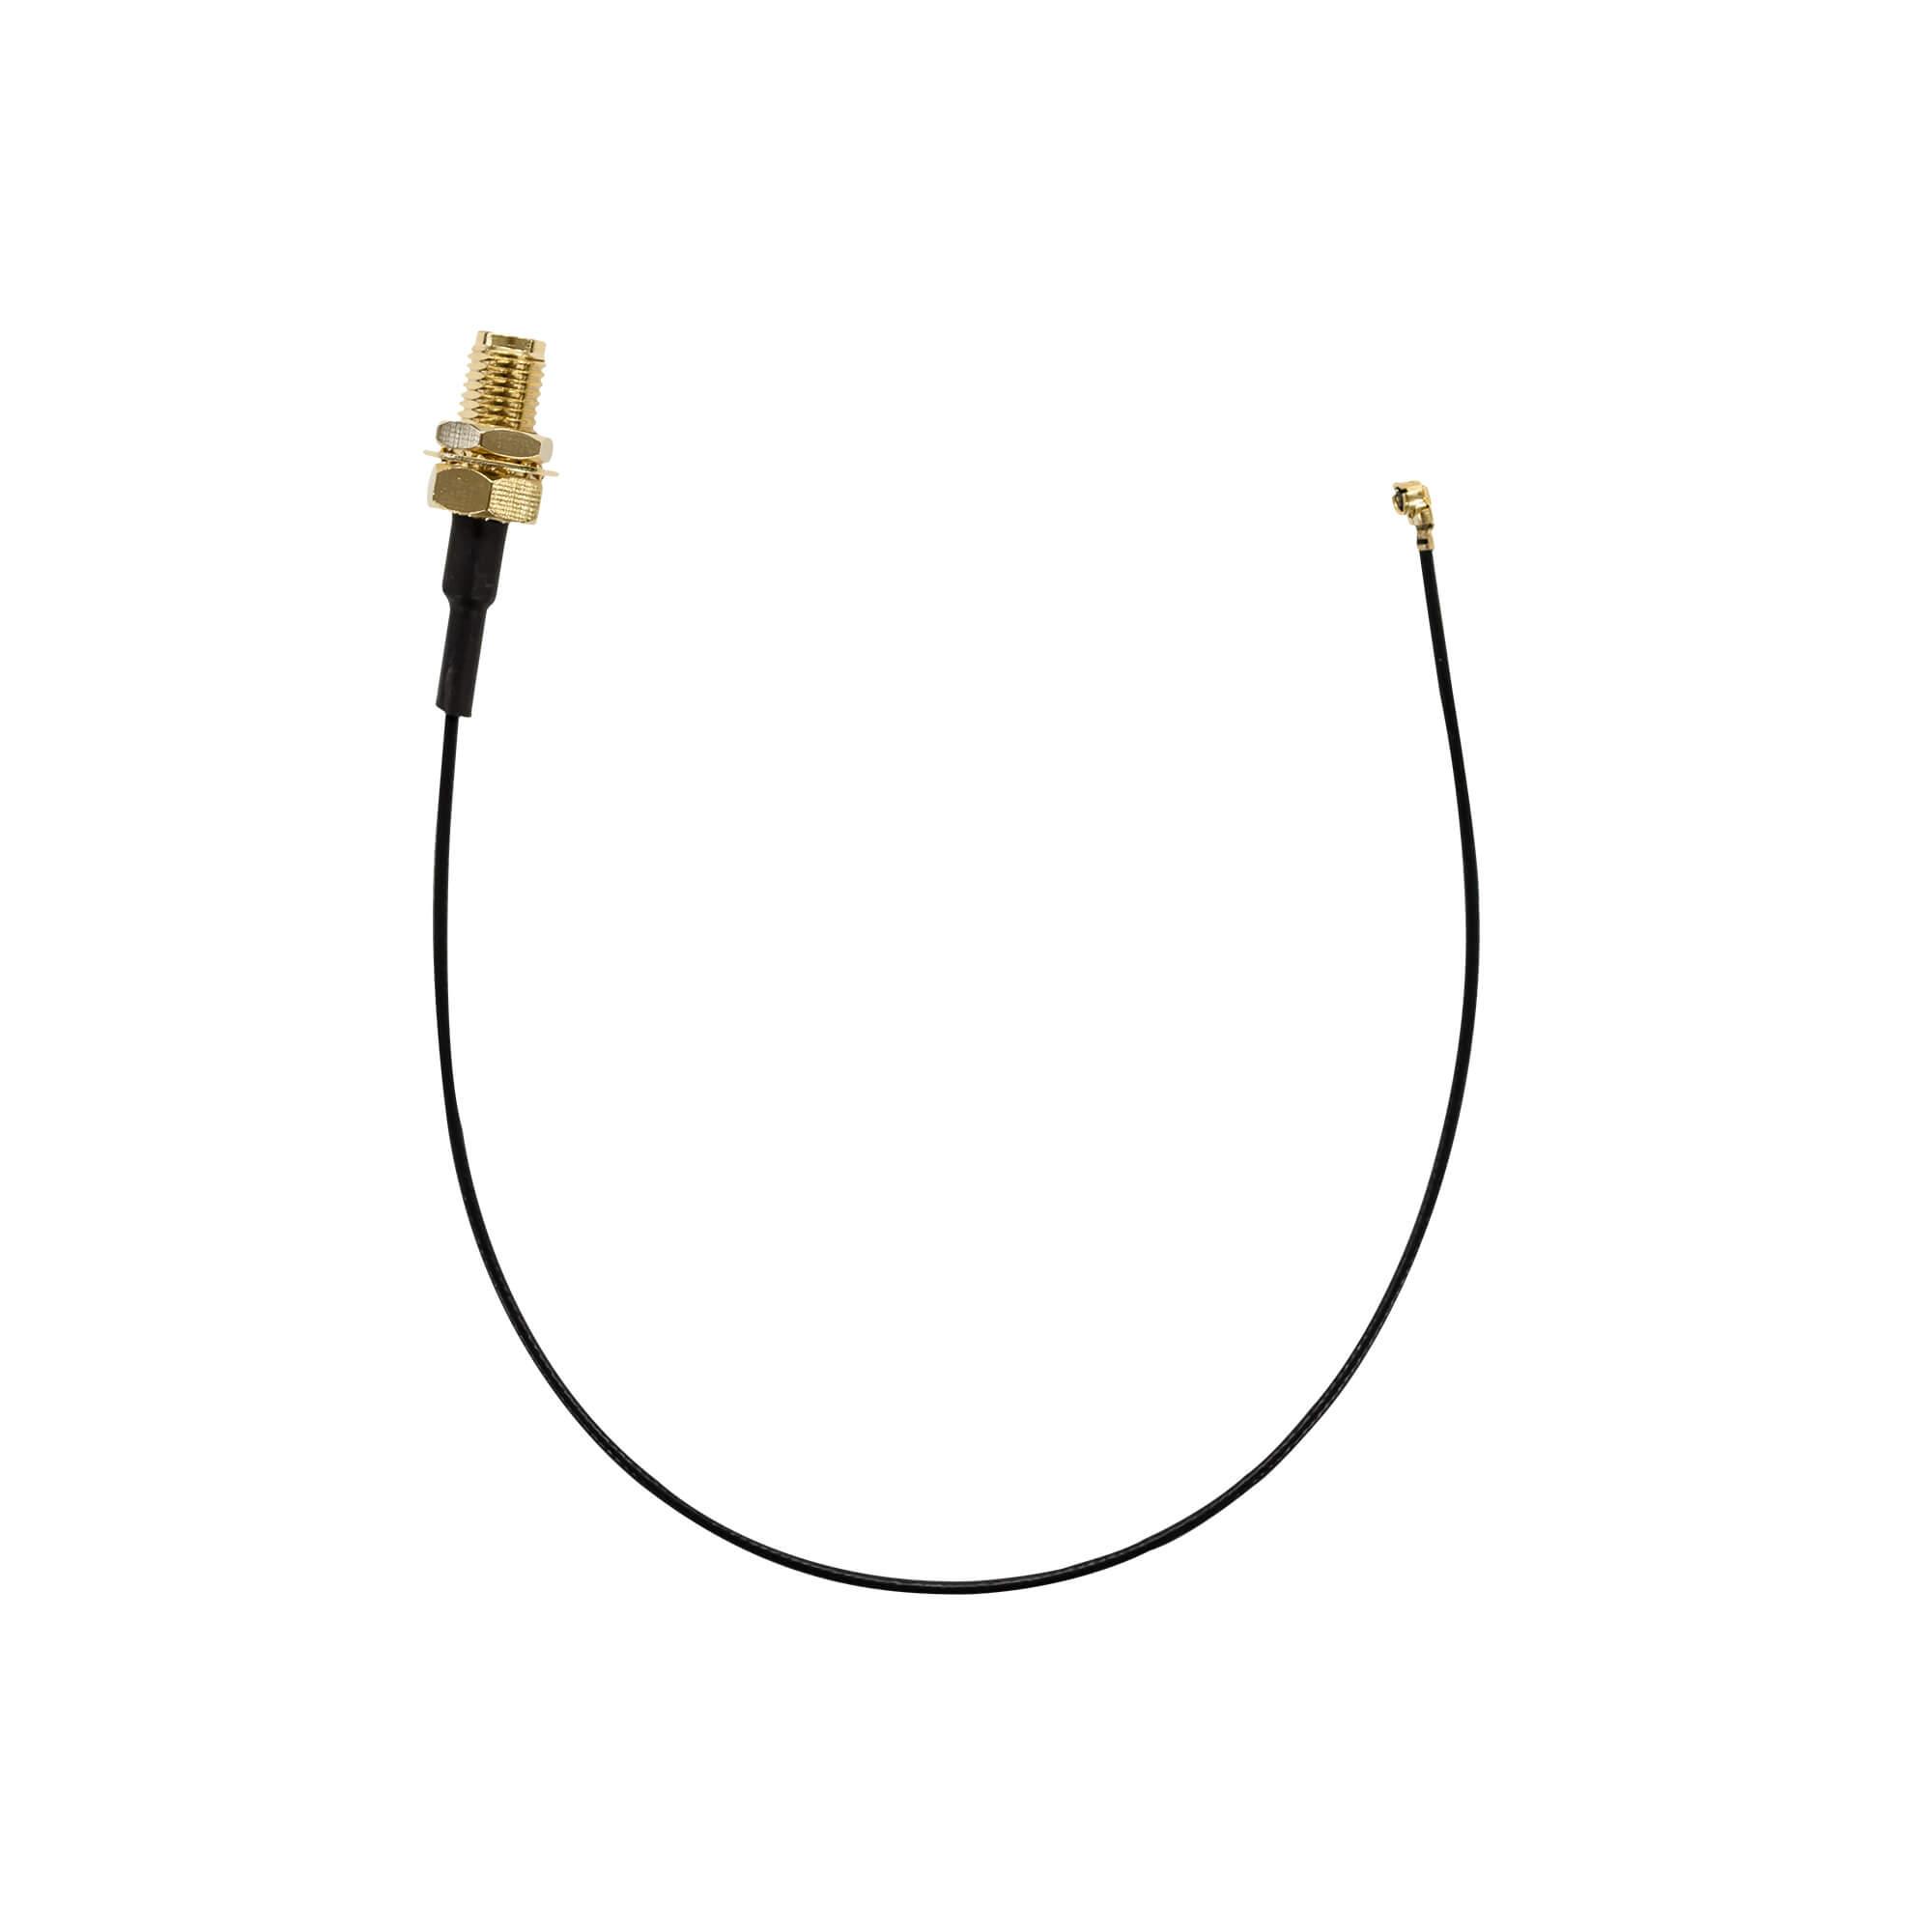 【付属品】アンテナ変換ケーブル  20cm SMAメス-UFLメス ANT-CBL20 グリーンハウス